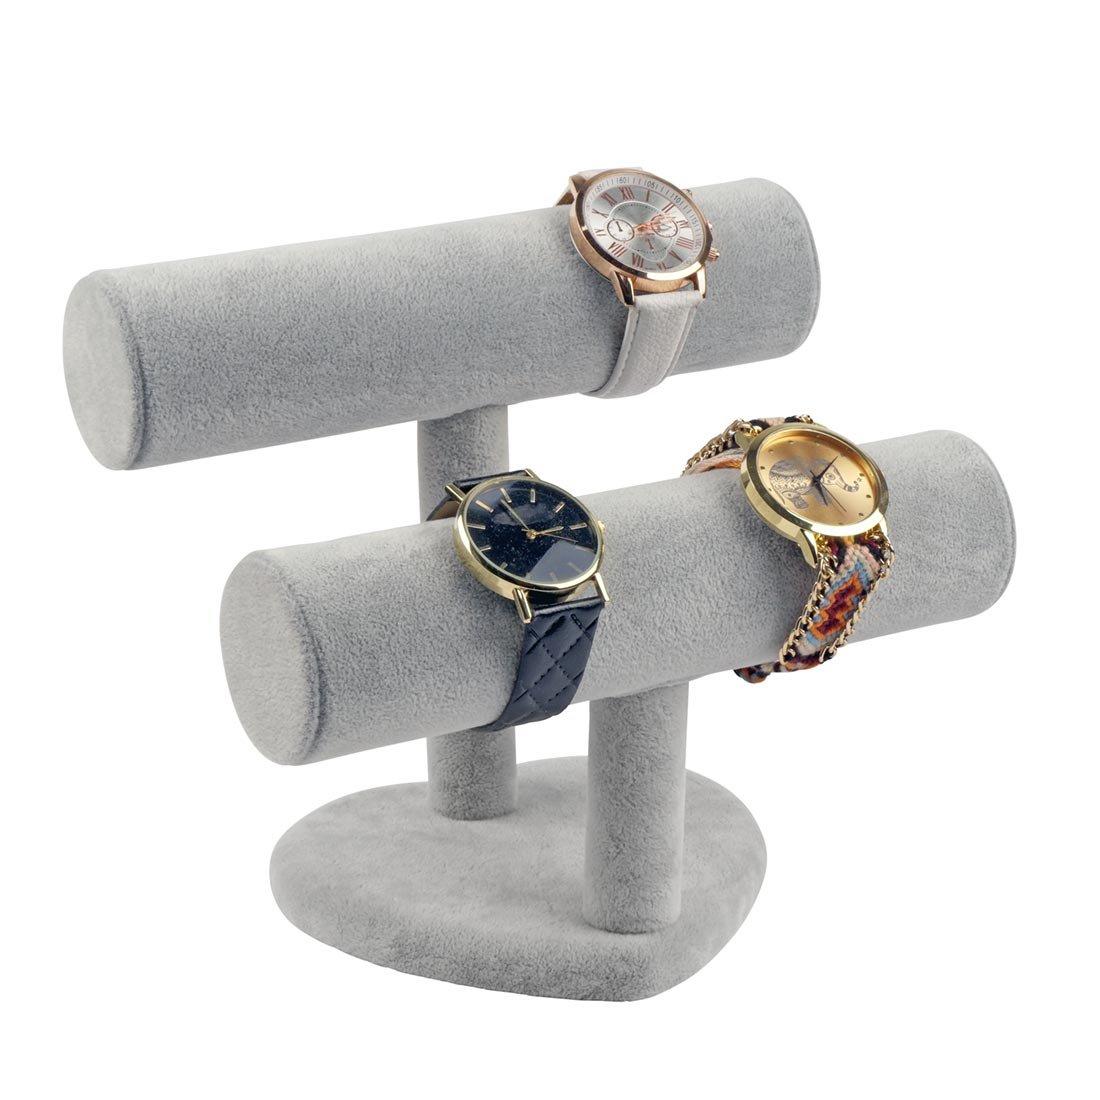 Schmuckständer für Uhren Armbänder Armreife Armbandständer Schmuckhalter Samtoptik 2 Rollen (Grau)